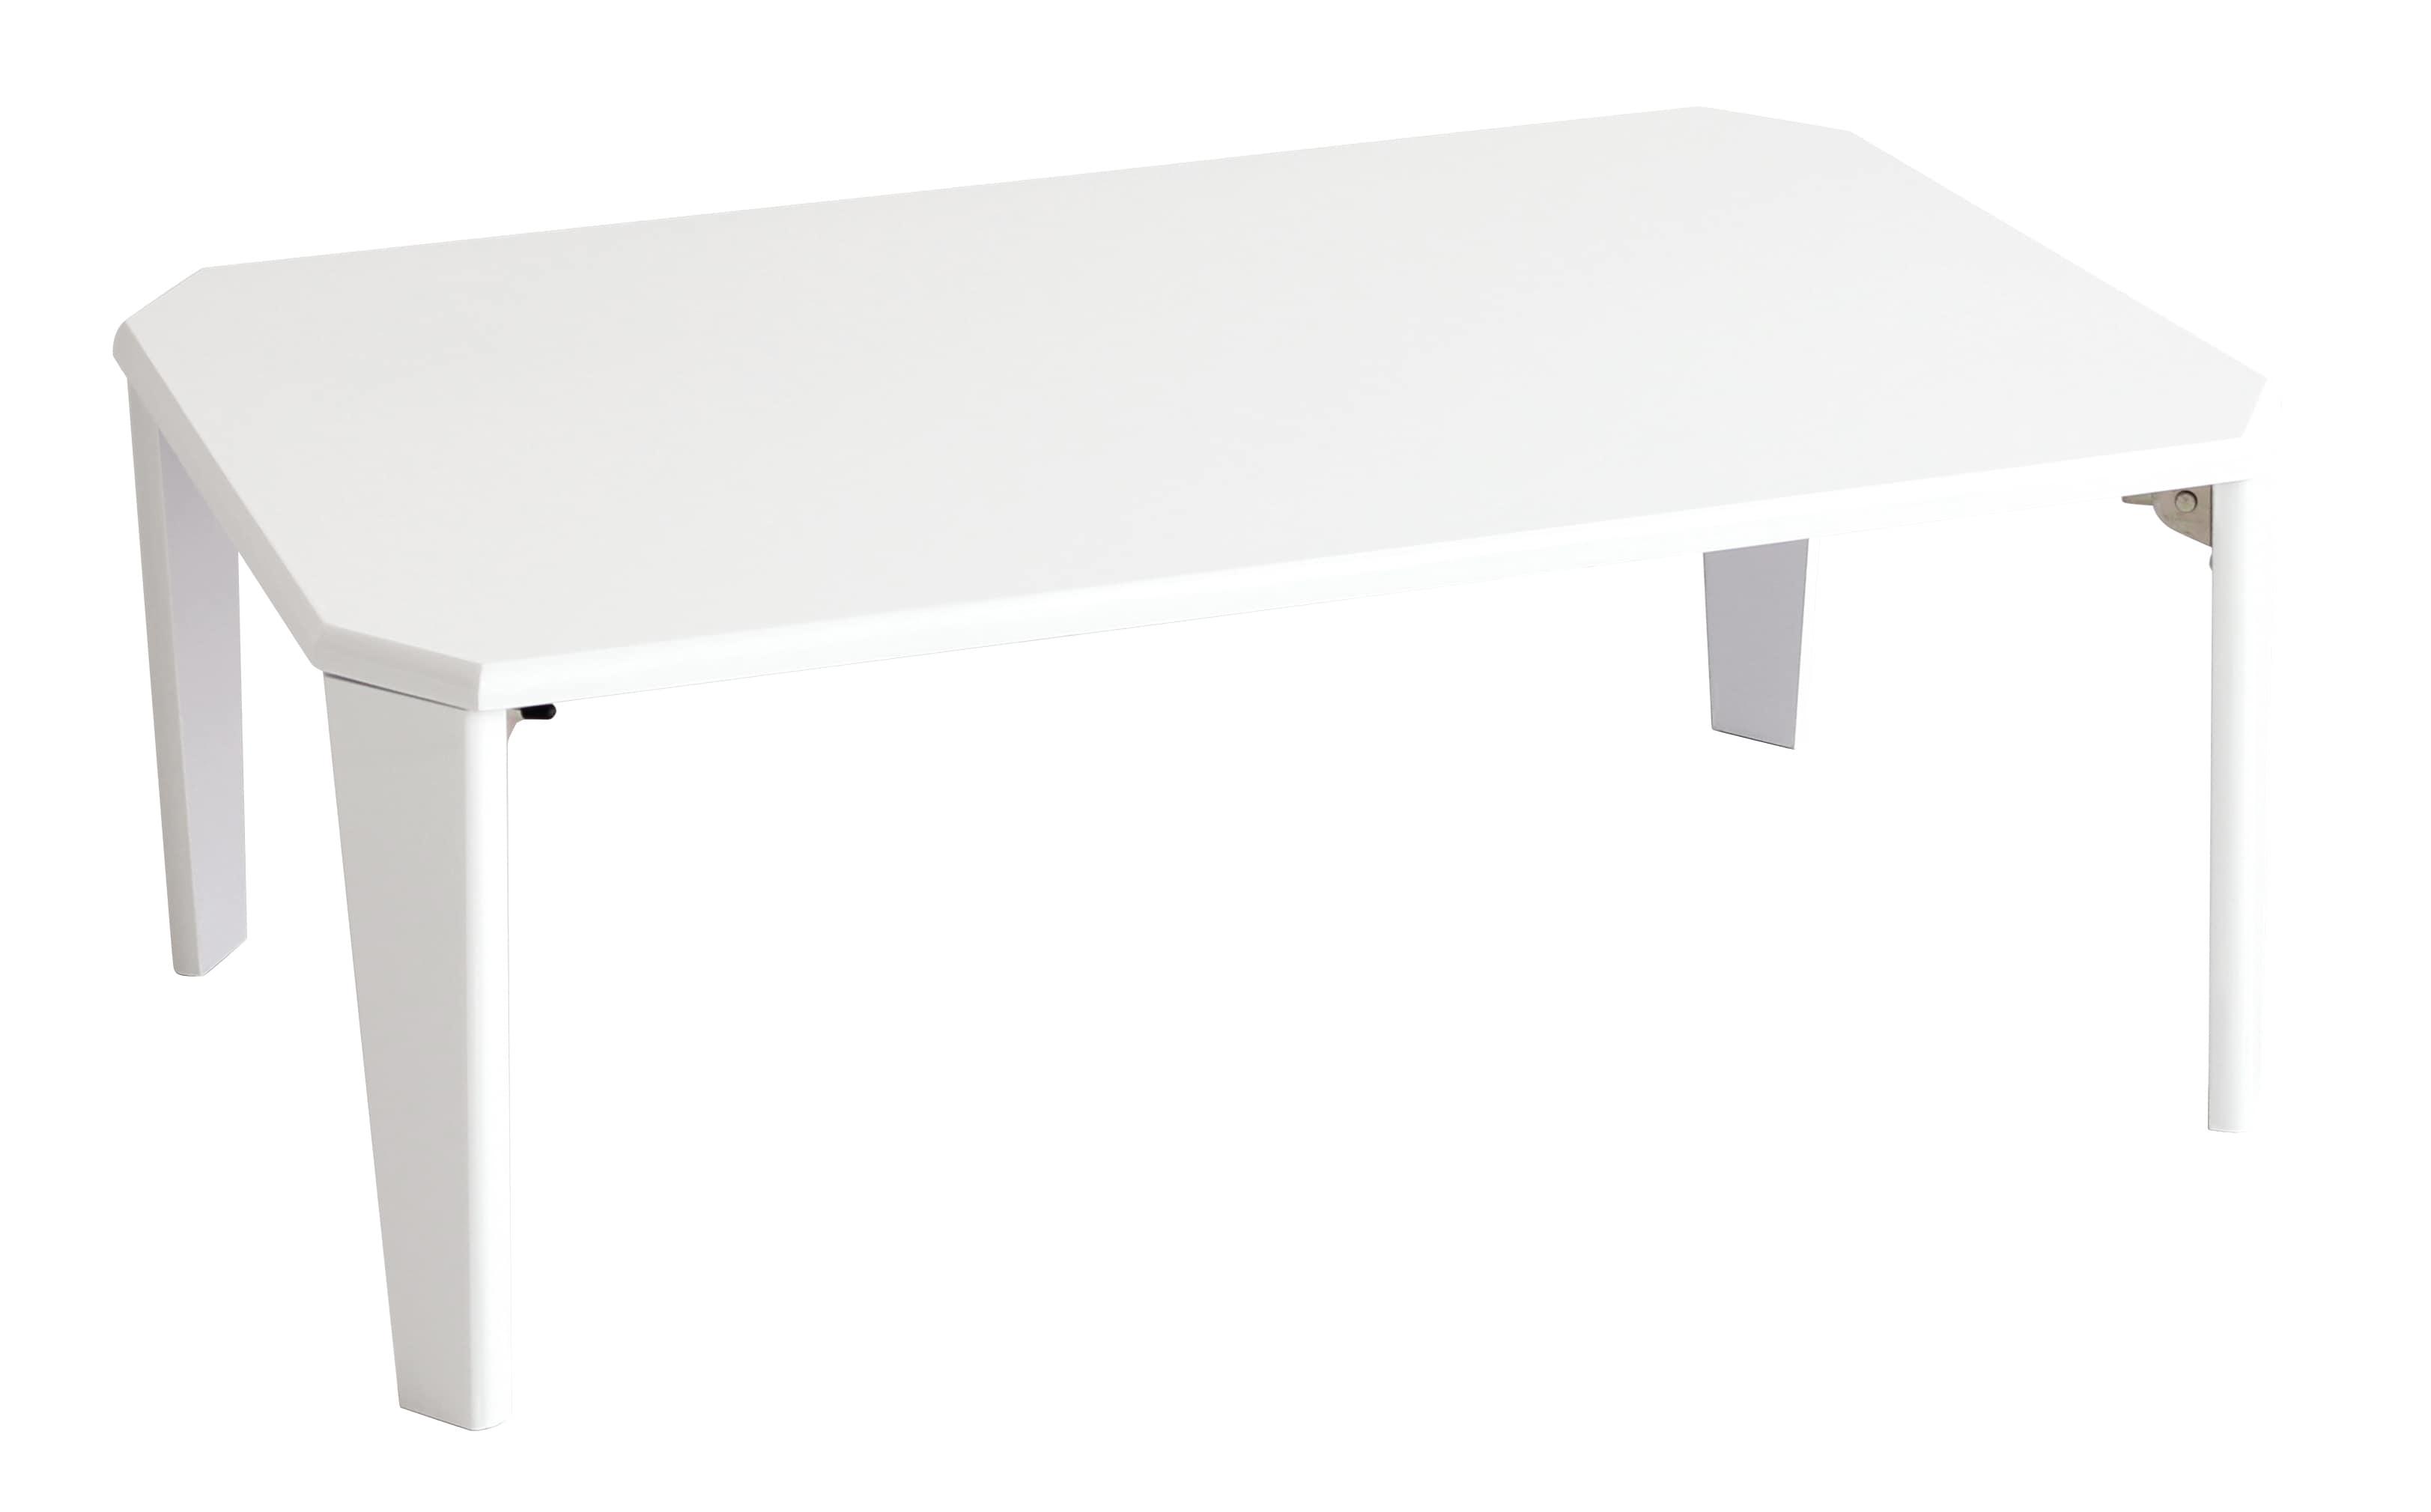 鏡面折りたたみテーブル90 20−171WH (WH(ホワイト))